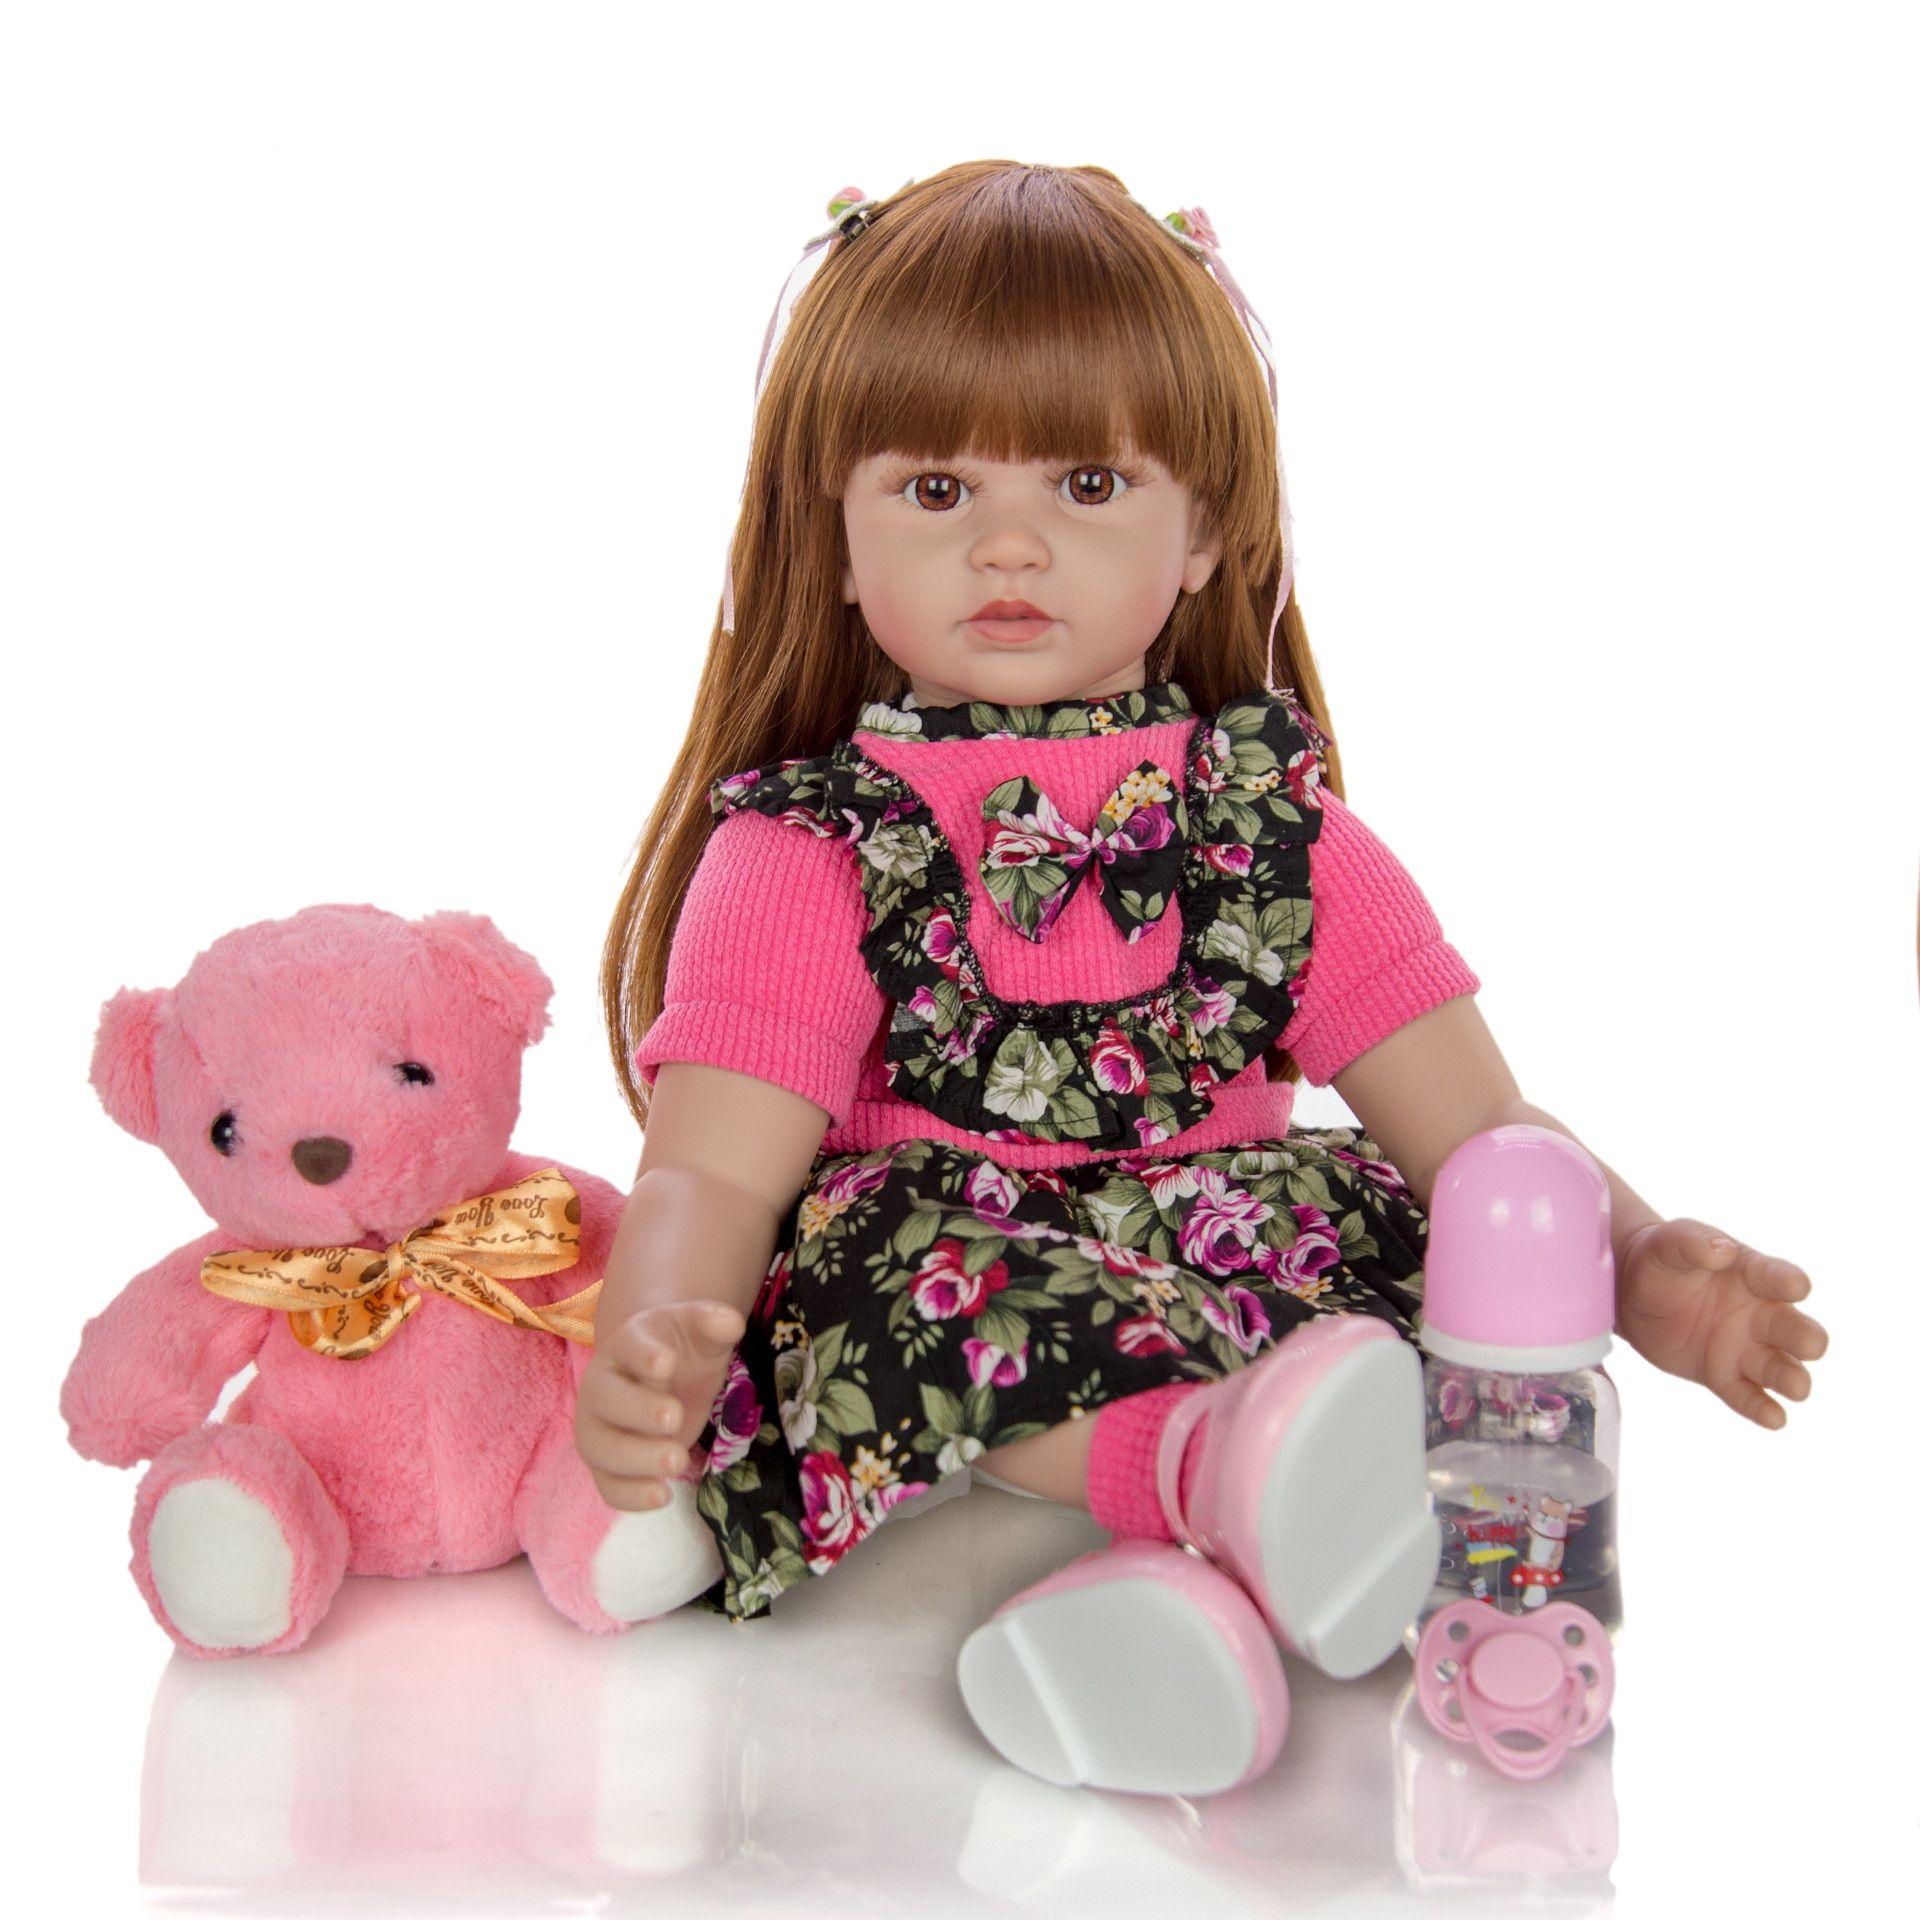 24 Inch Reborn Dolls 60 cm Silicone Soft Realistic elegant